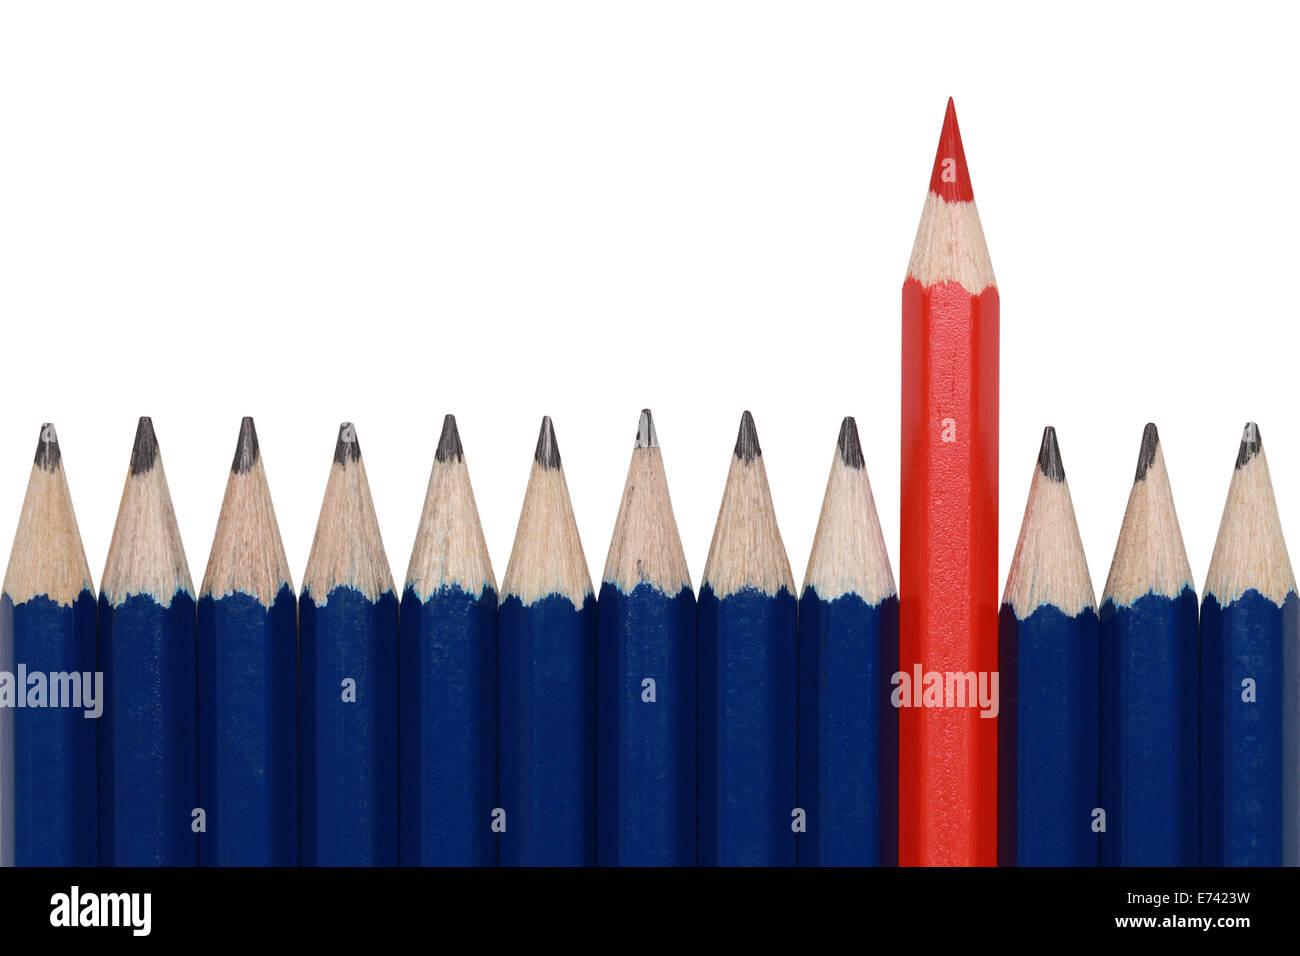 Crayons bleu et un crayon rouge se démarquer de la foule. Isolé sur blanc. Photo Stock